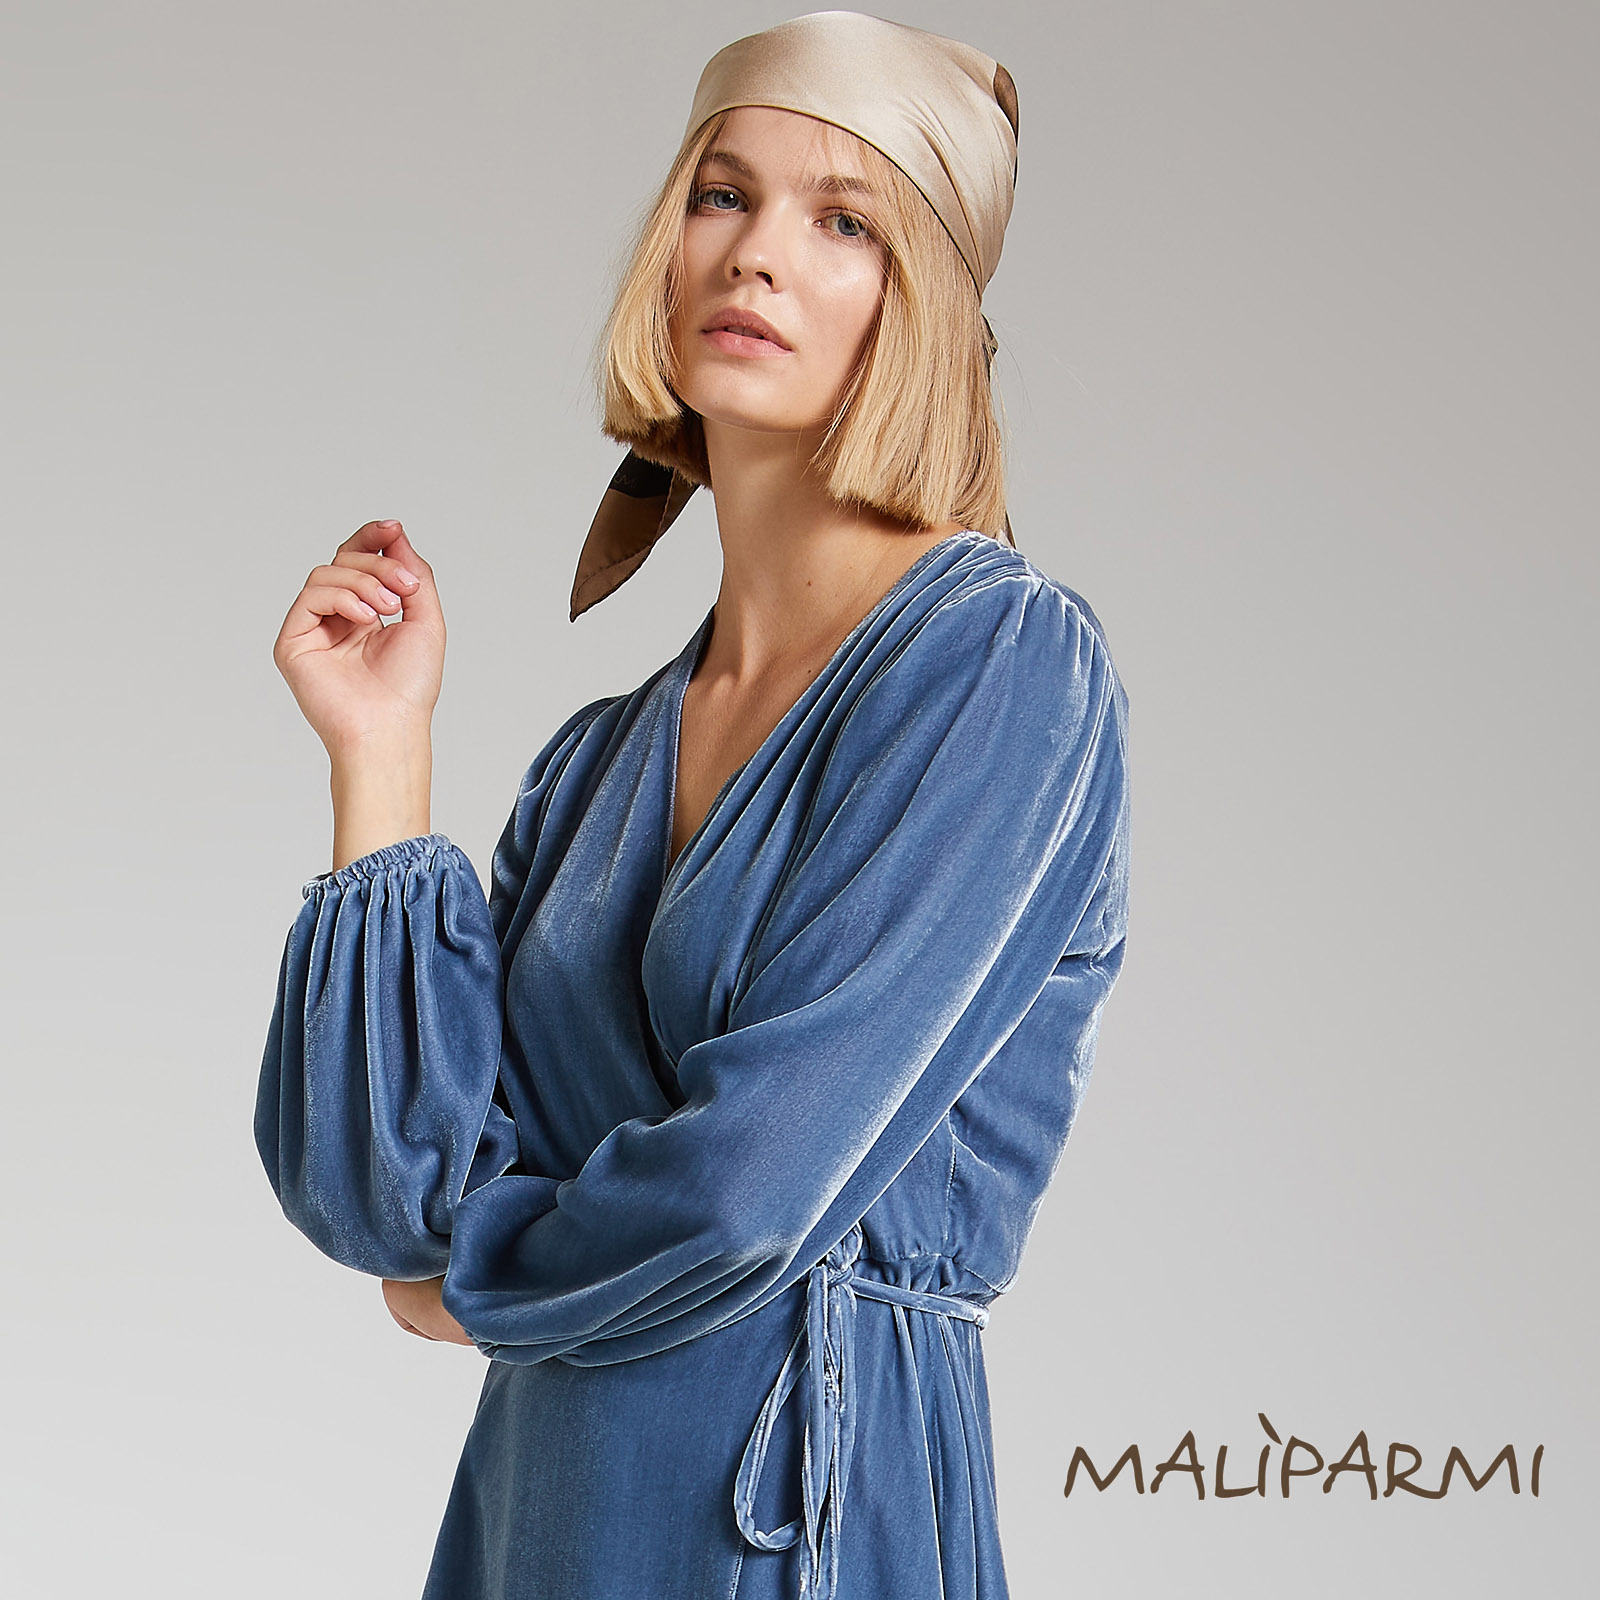 Campagna Social per MALIPARMI - MC Studios - Fashion E-commerce